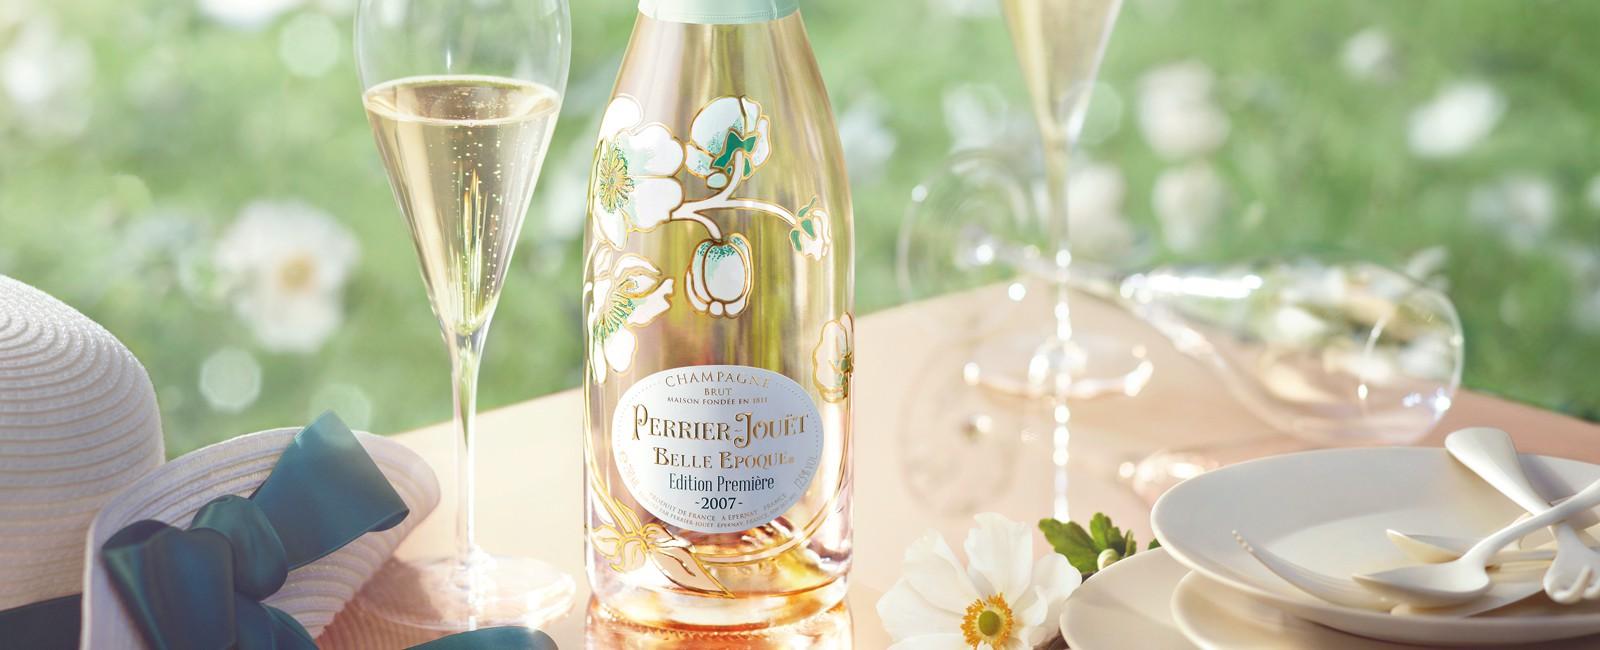 Perrier-Jouët presenta la primera cuvee efimera de Champagne Belle Epoque Edition Première 2007